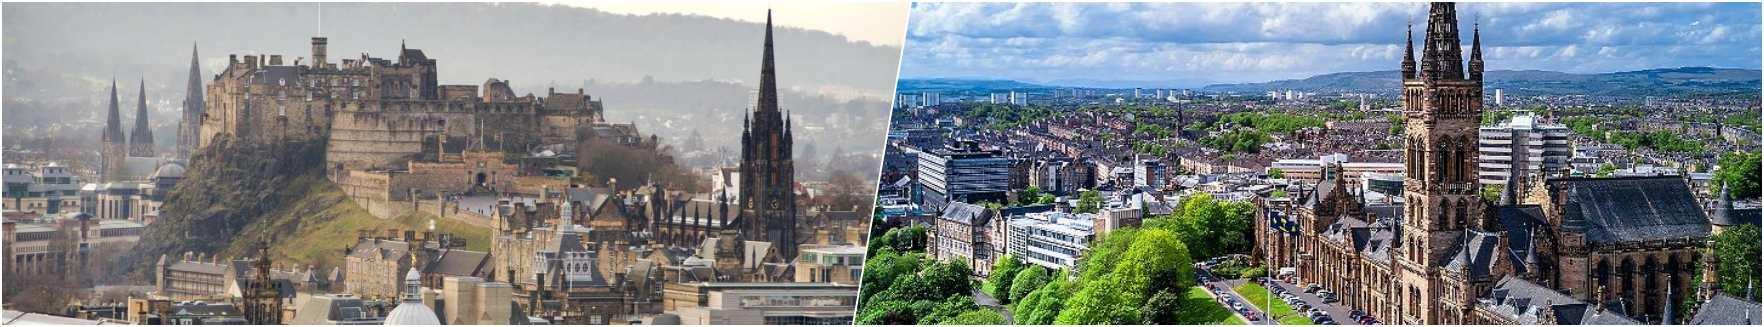 Edinburgh - Glasgow